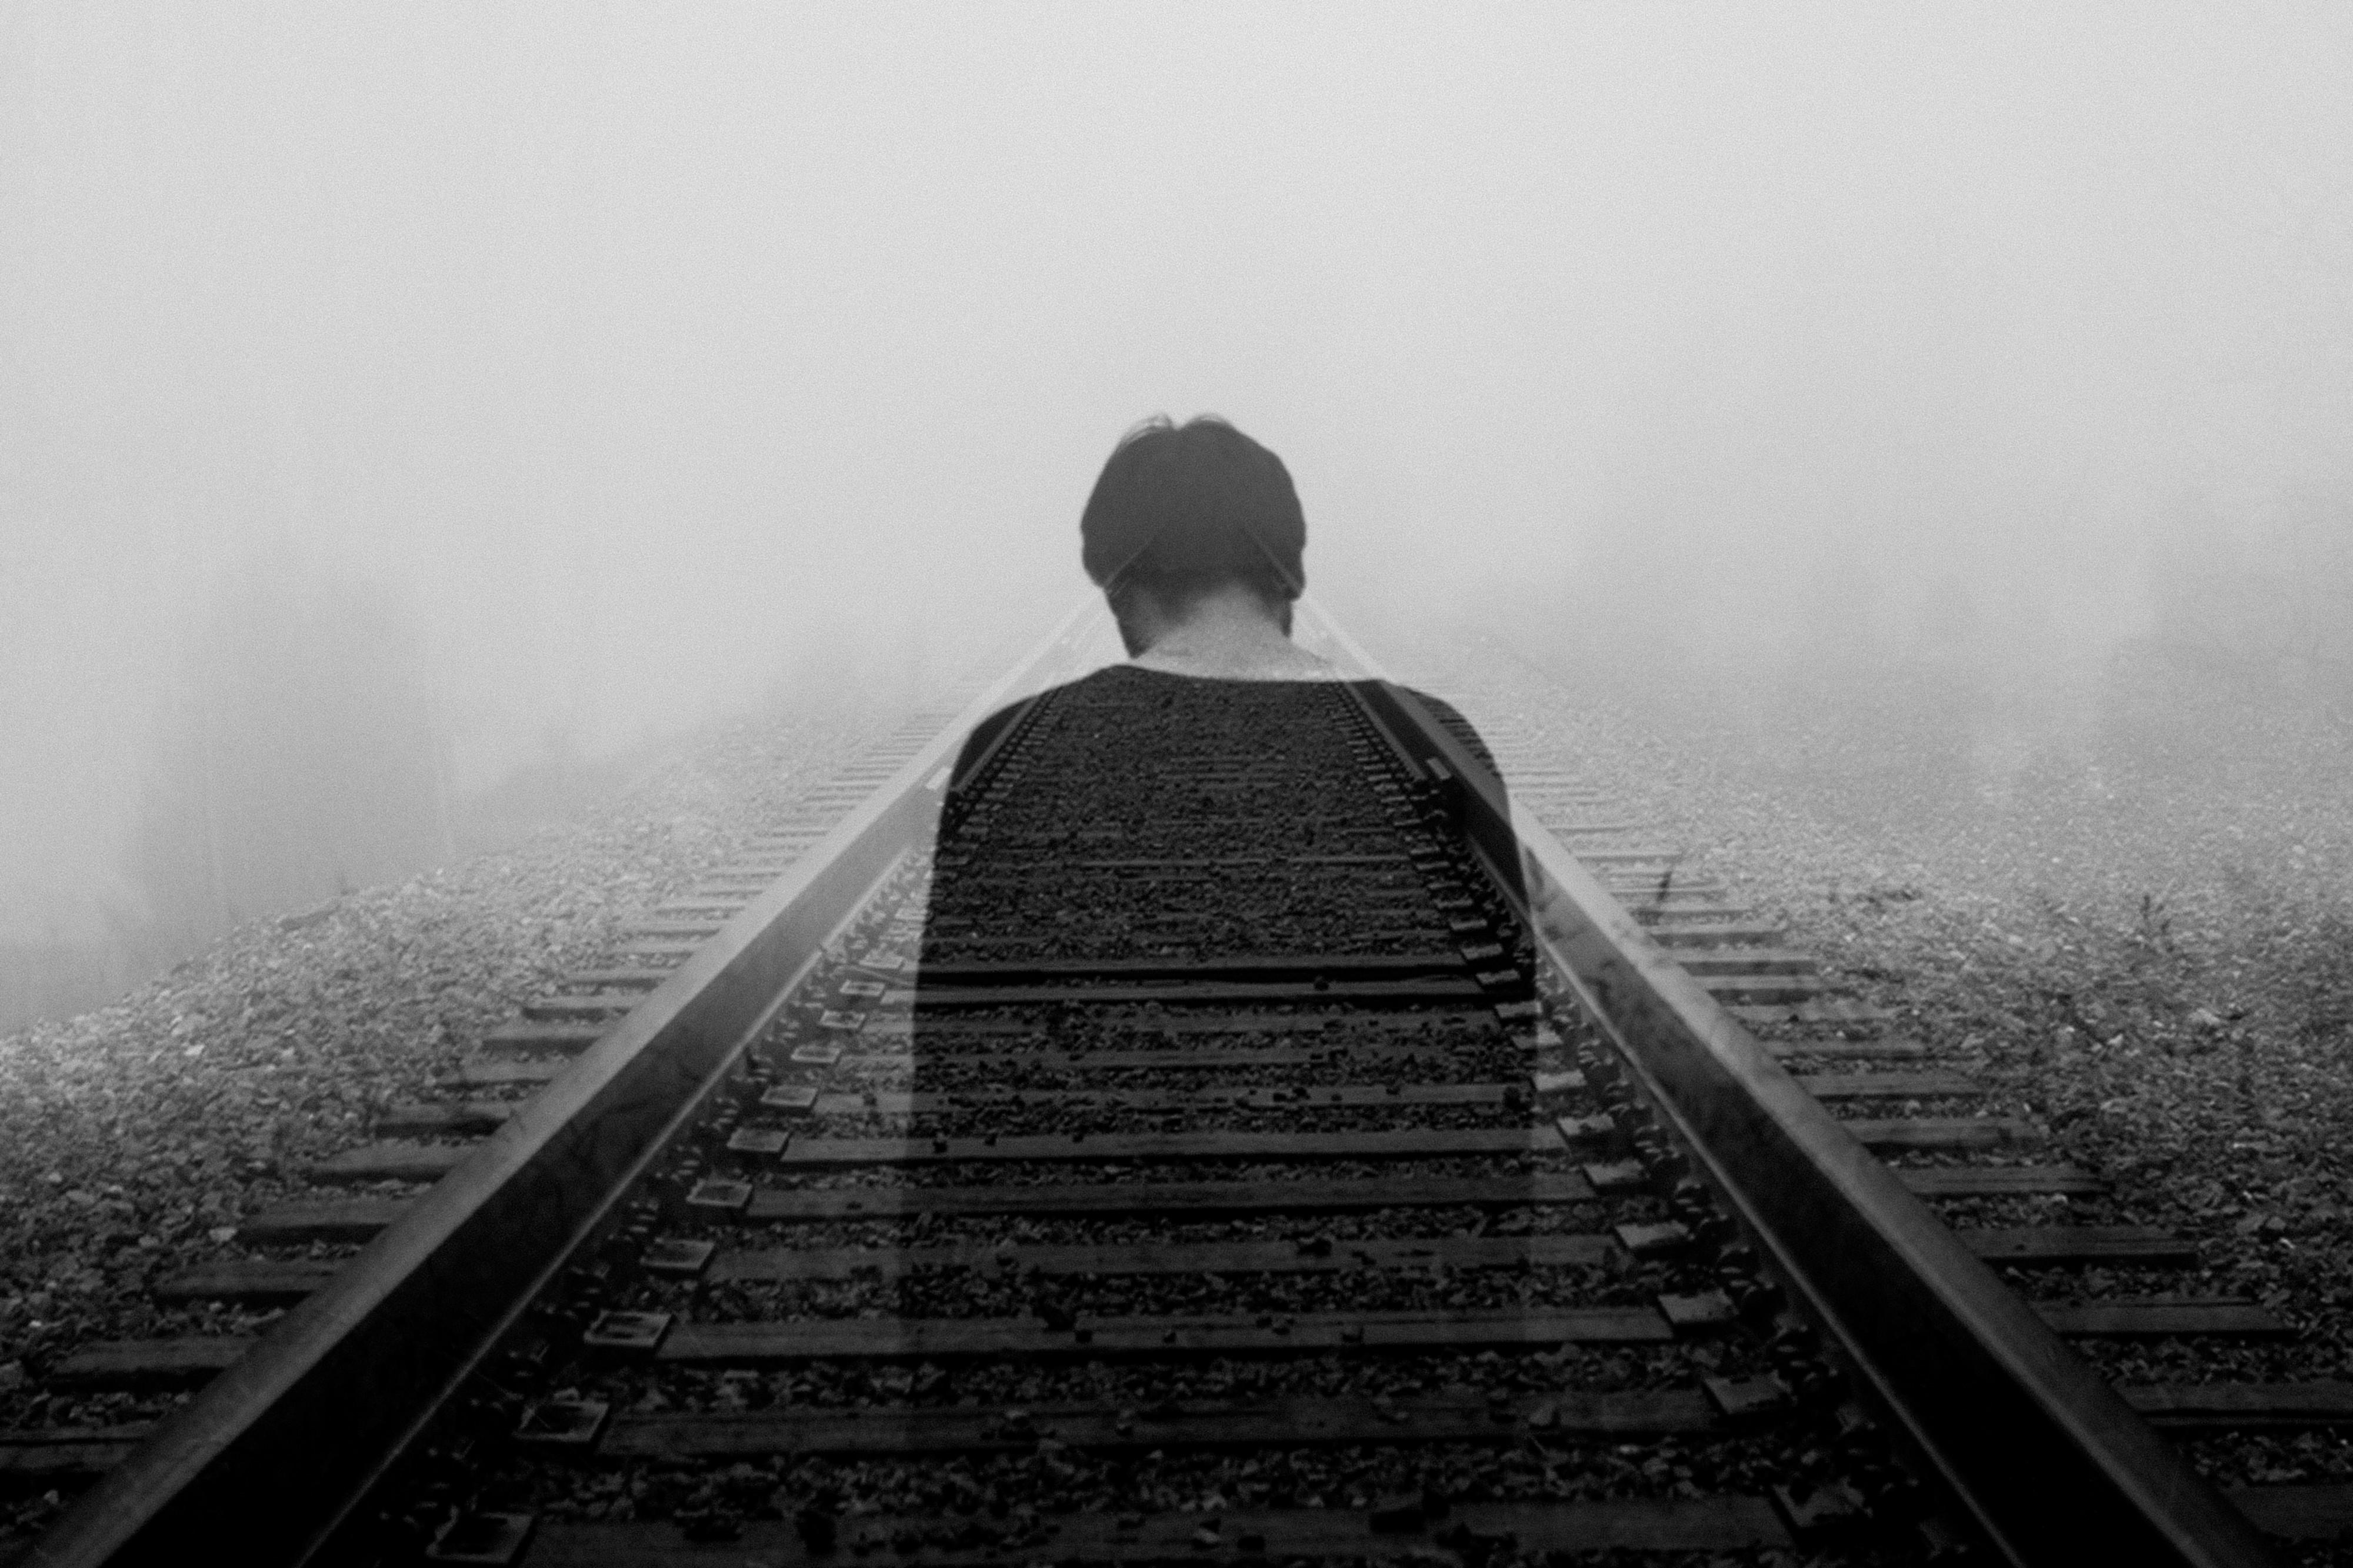 Estado depresivo